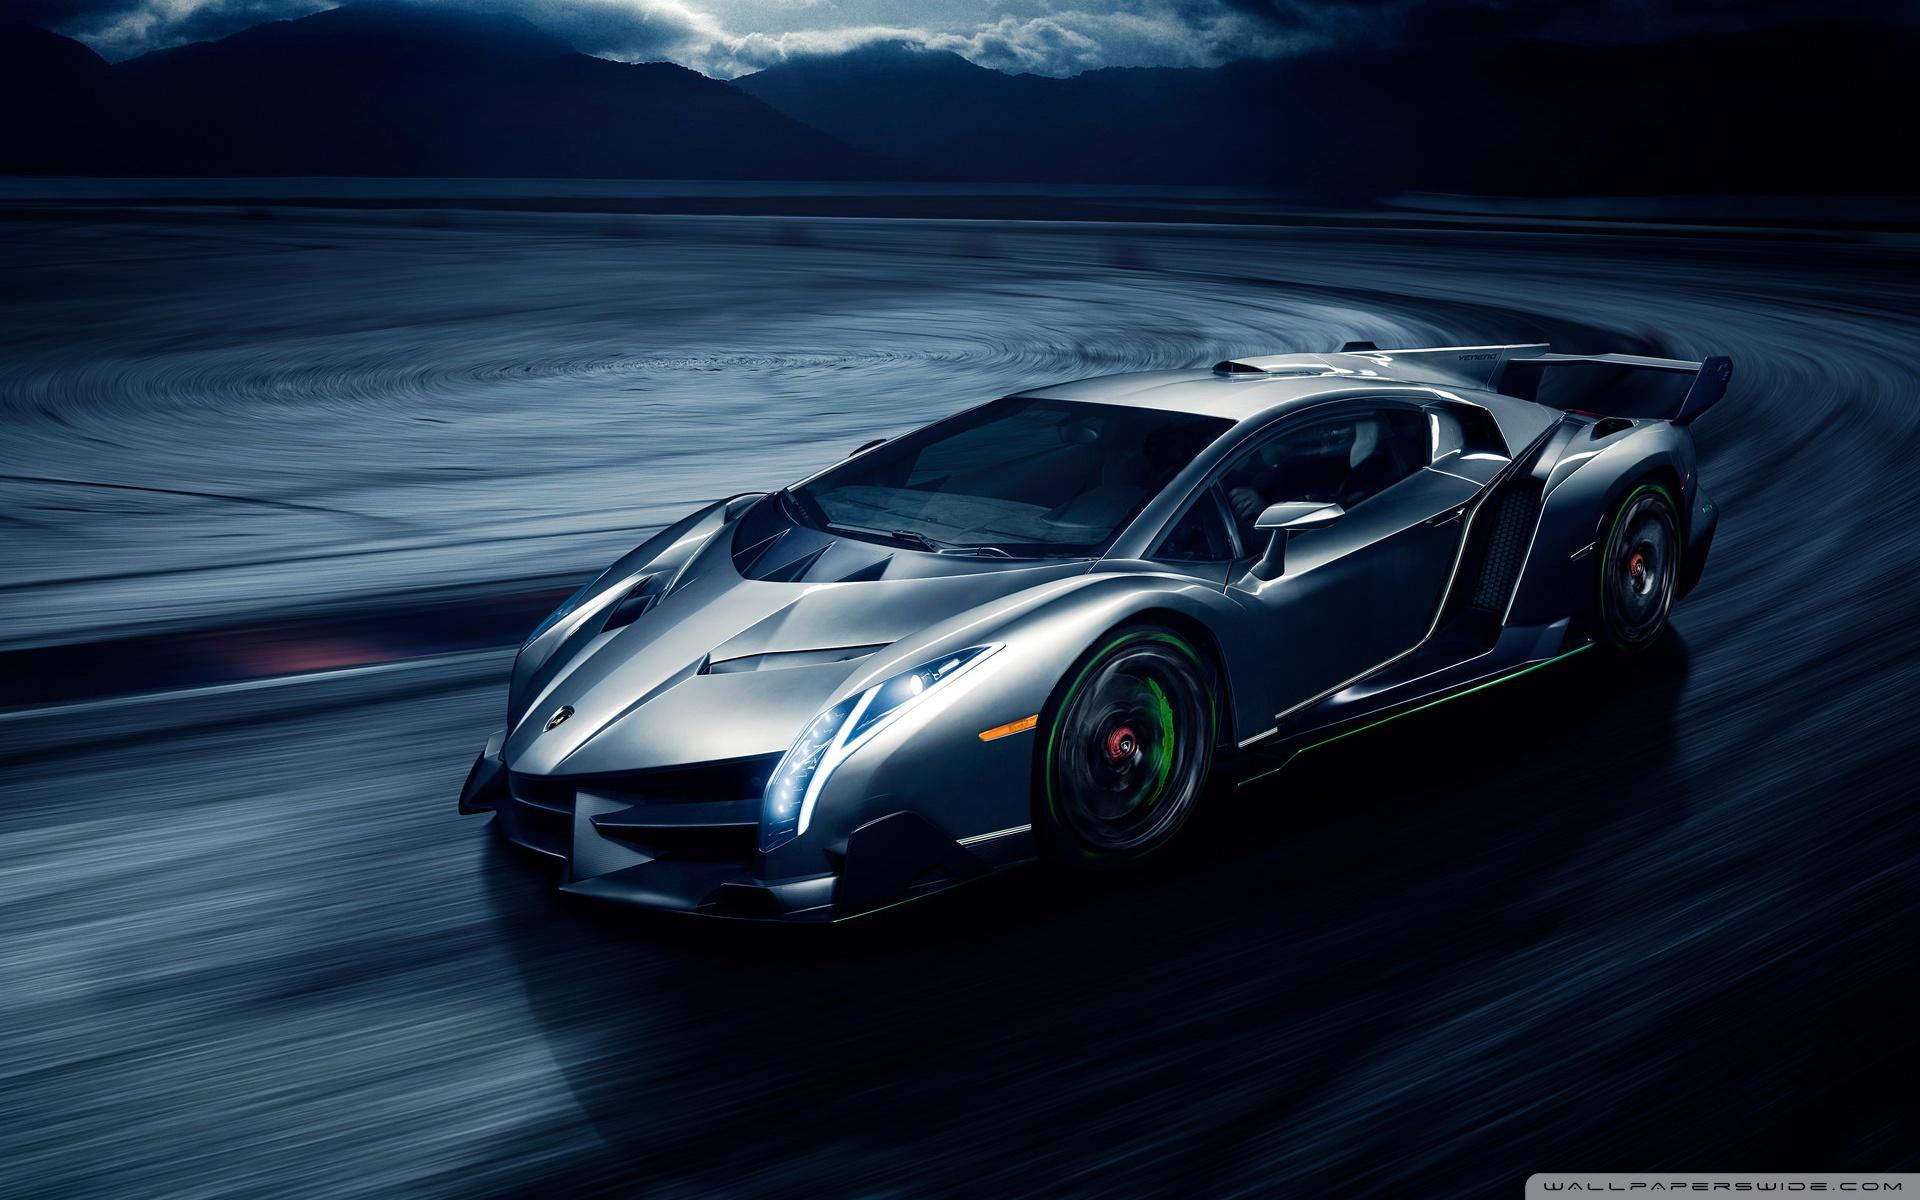 Lamborghini Wallpapers Download